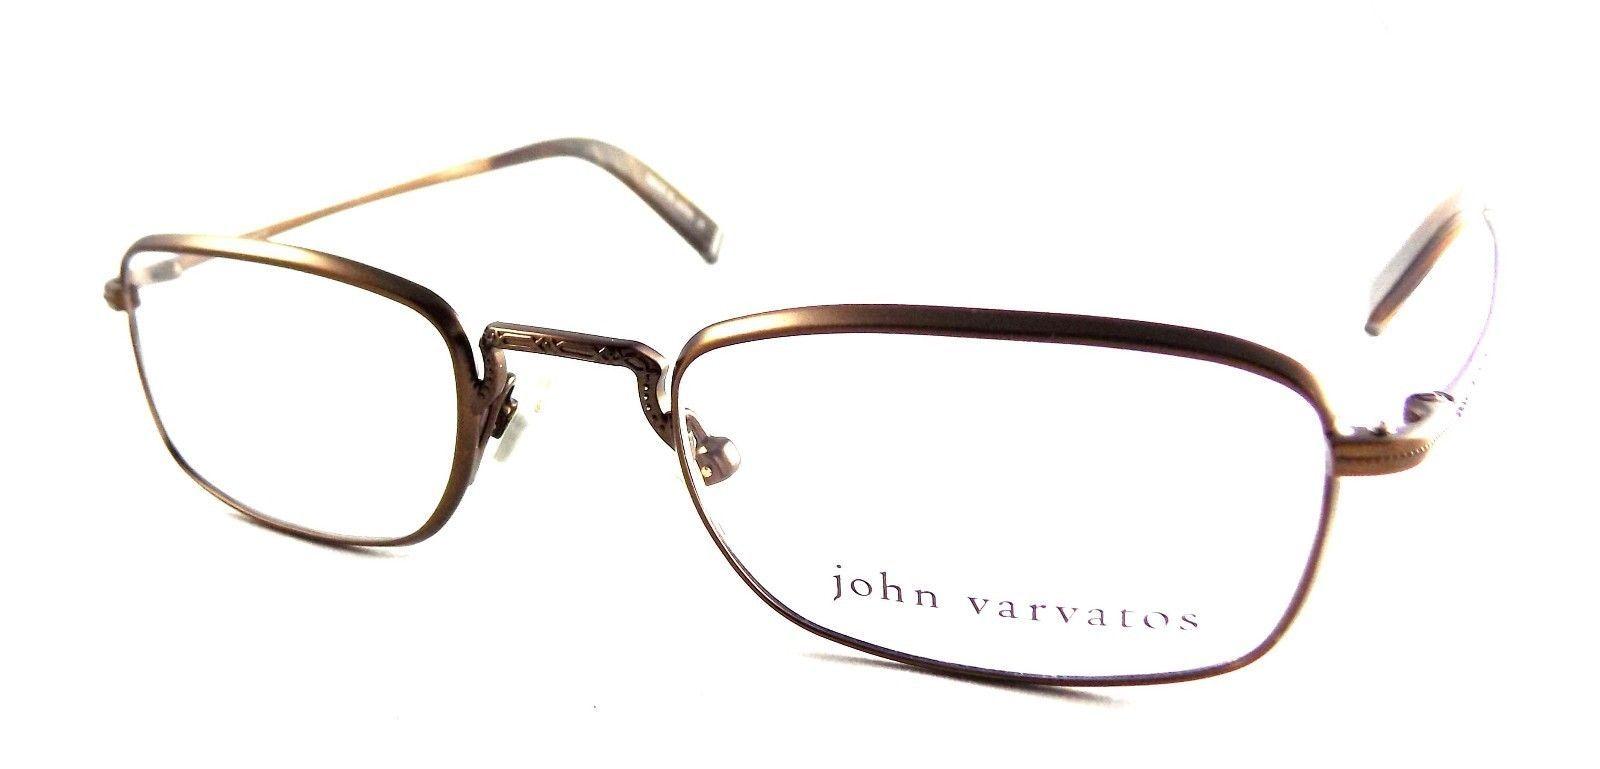 John Varvatos Sunglasses: 4 listings